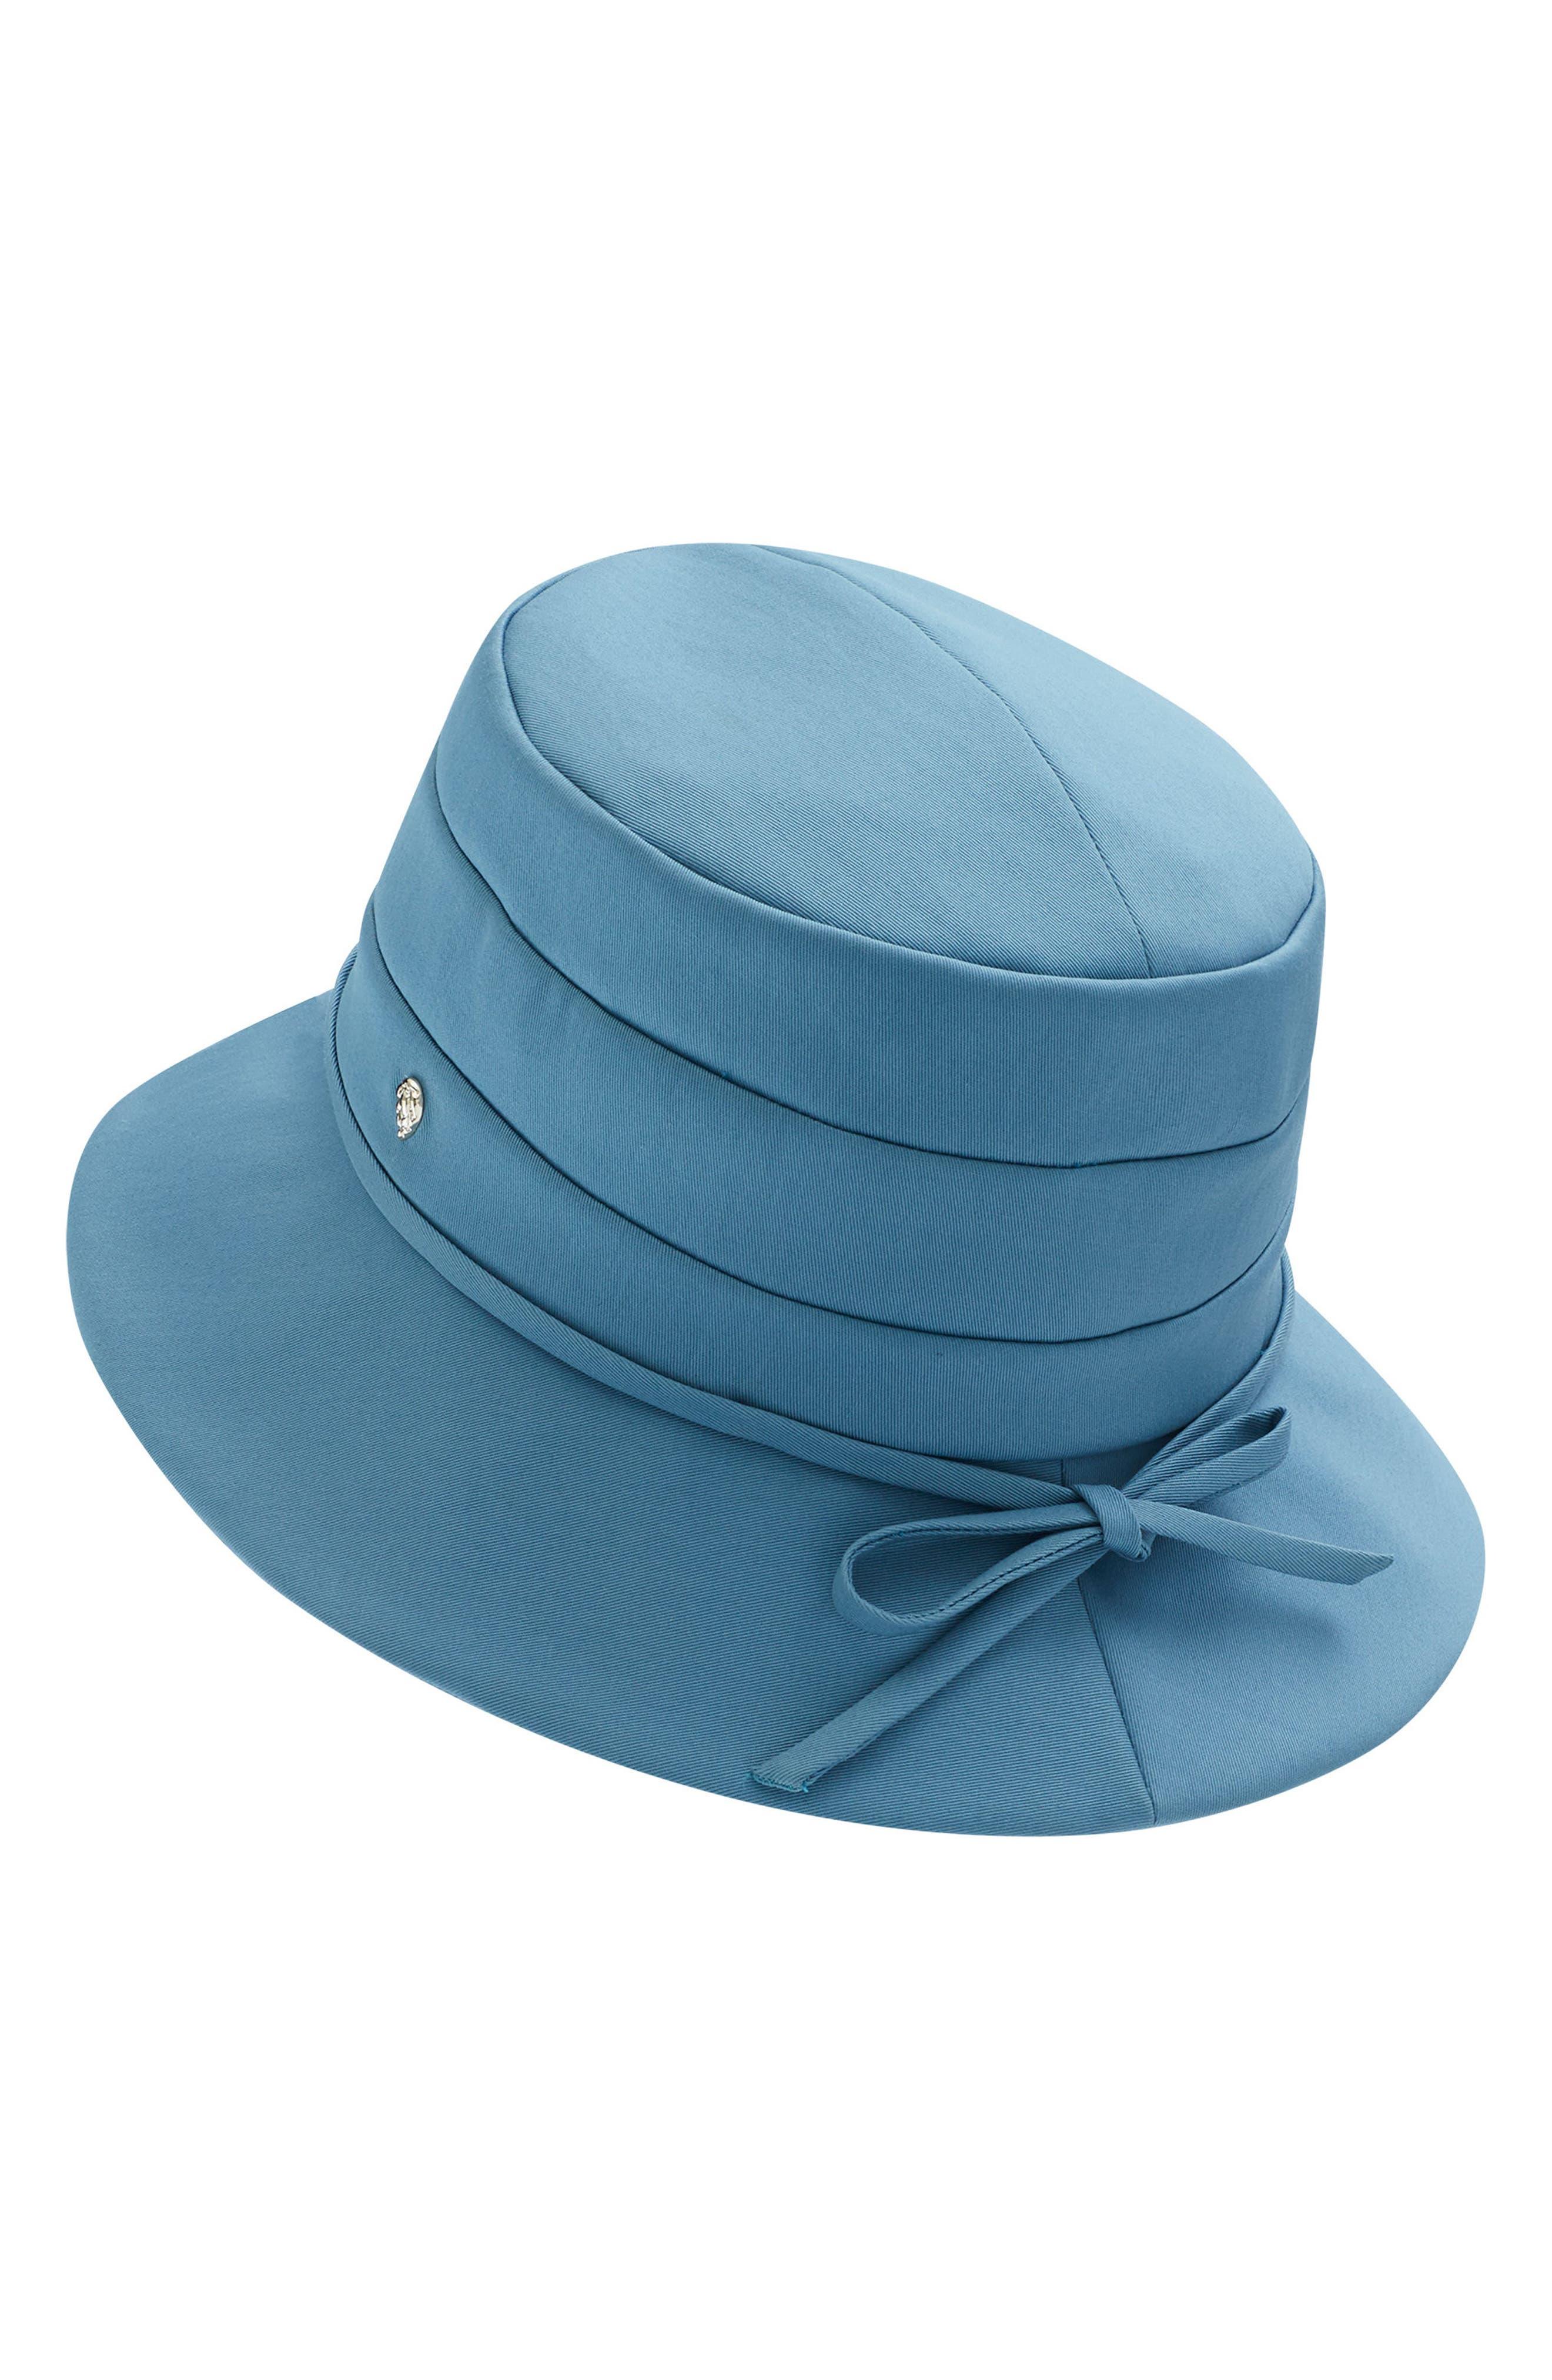 Medium Brim Water-Resistant Hat,                             Main thumbnail 1, color,                             Lake